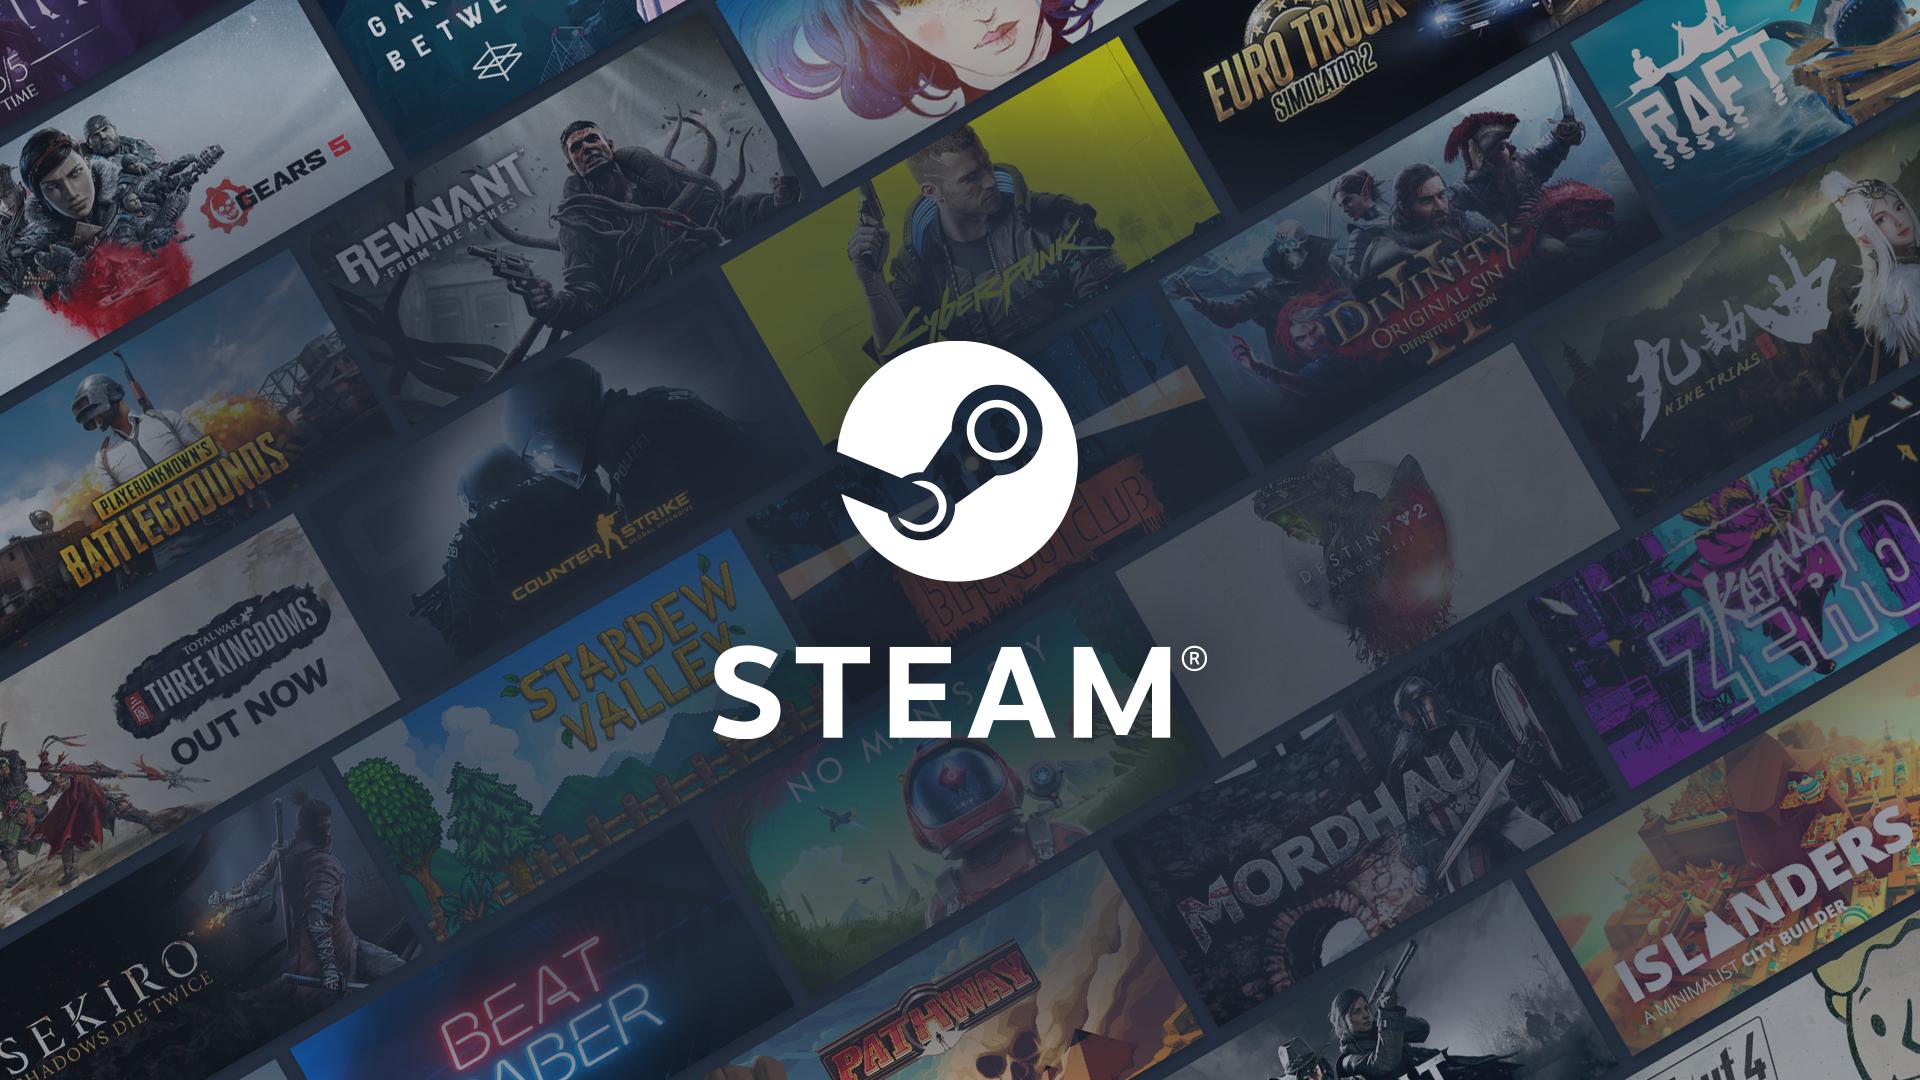 Steam隆重推出全新瀏覽方式 帶來全新導航體驗